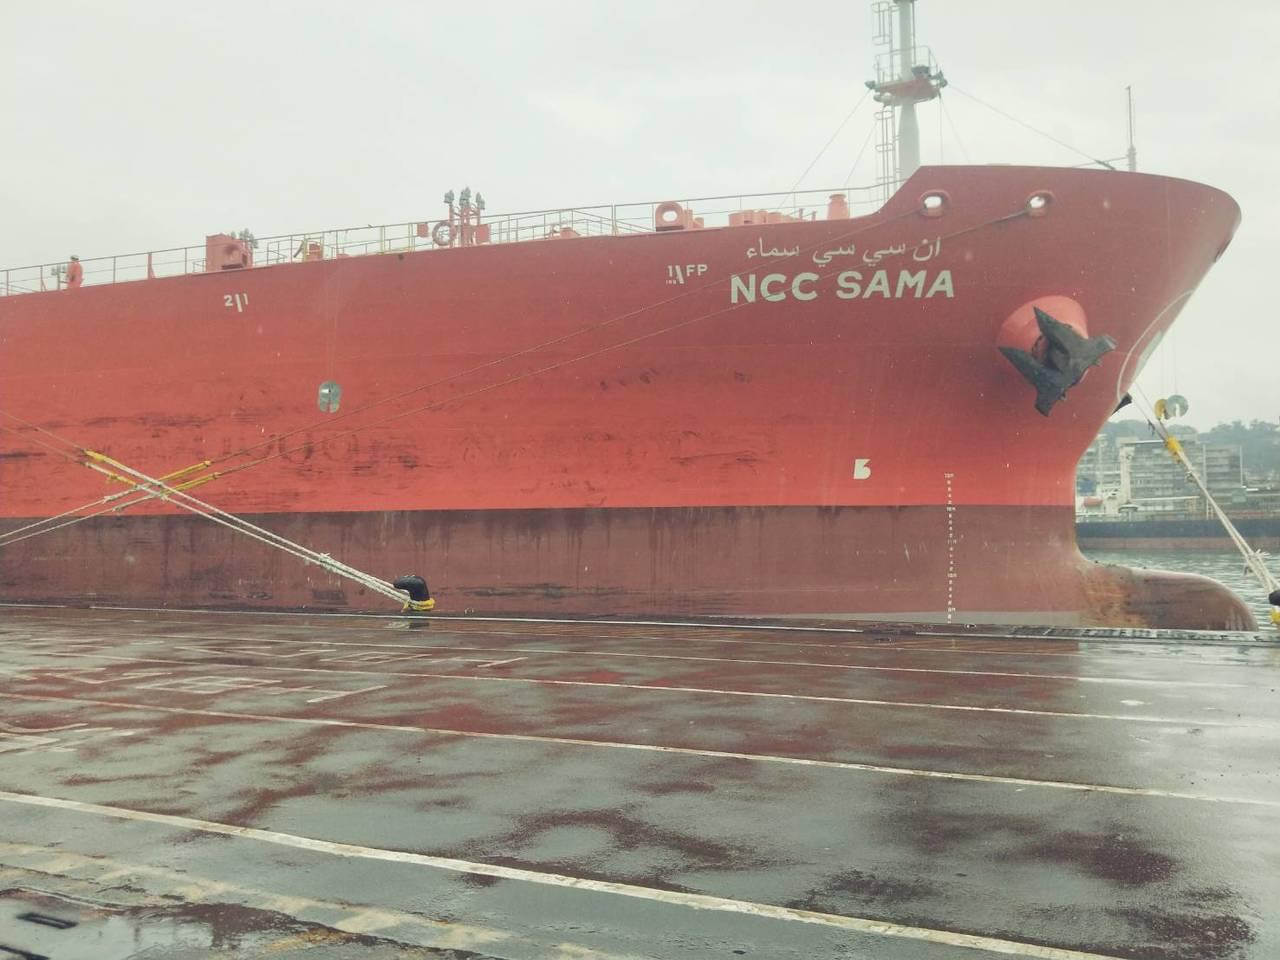 撞到軍艦的化學輪薩瑪號。記者游明煌/攝影